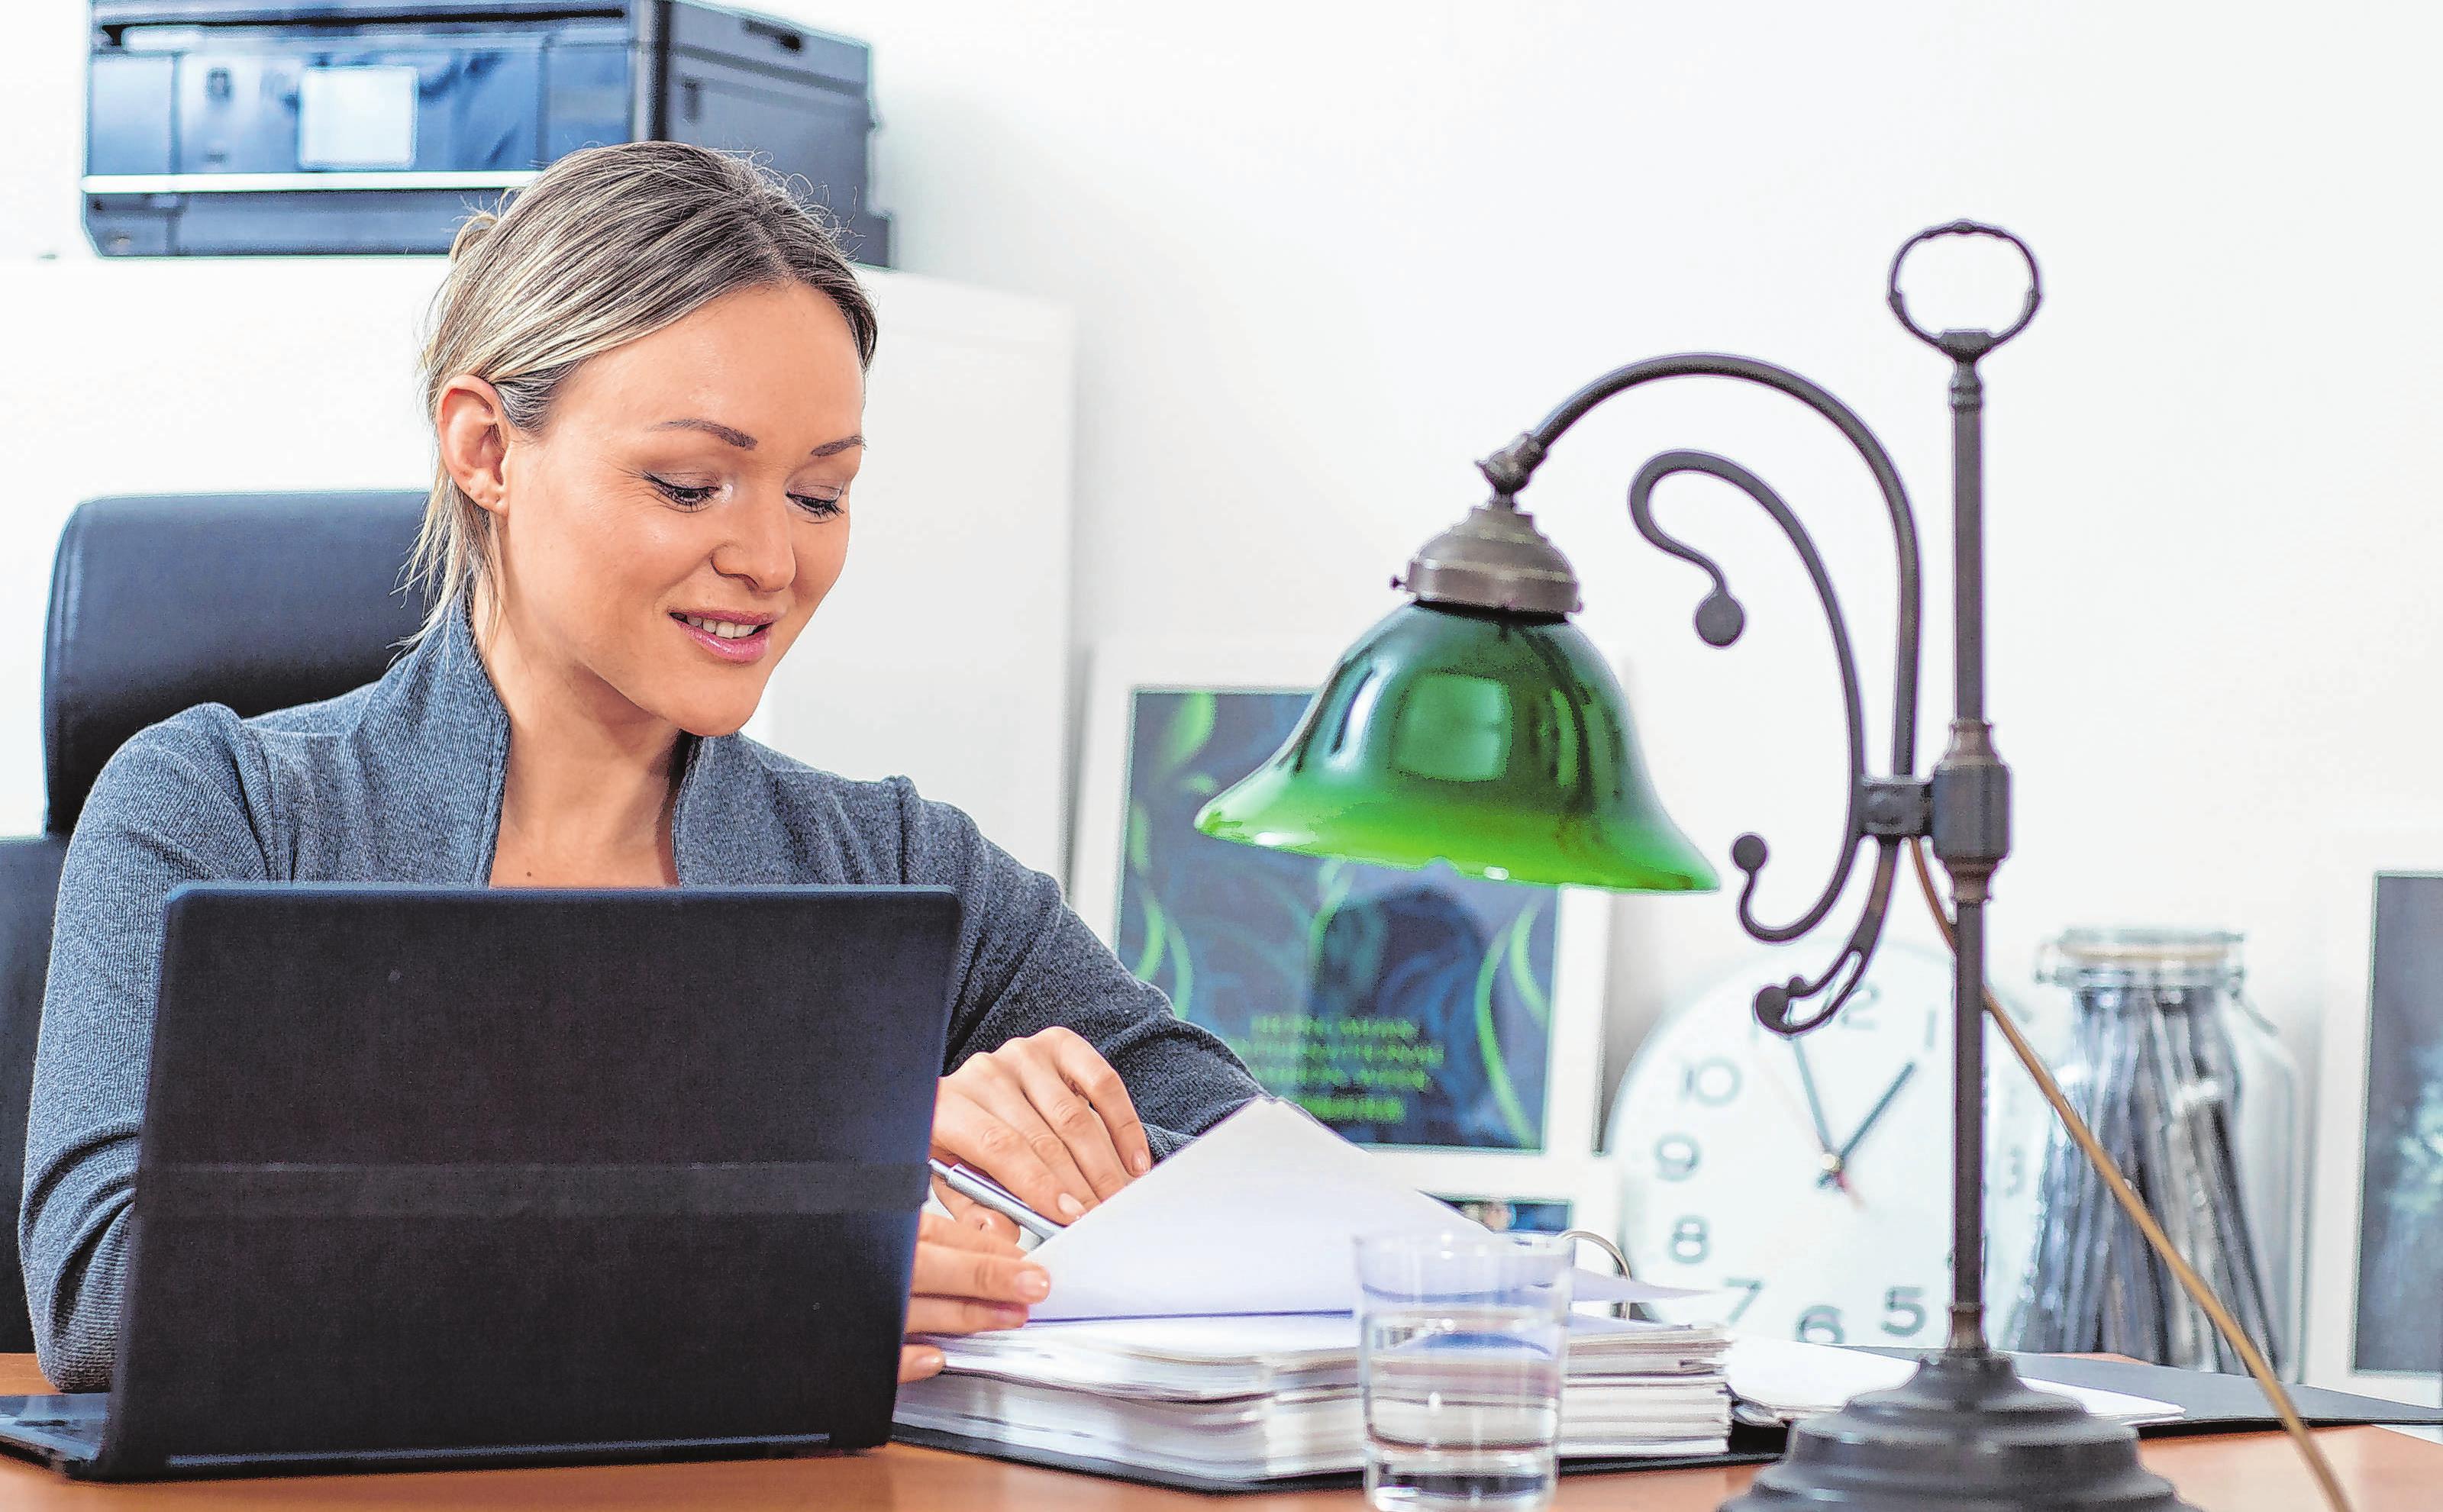 Mit Sofa und TV-Gerät: Eine Arbeitsecke im Wohnzimmer können Beschäftigte nicht steuerlich geltend machen. Foto: Christin Klose/dpa-mag